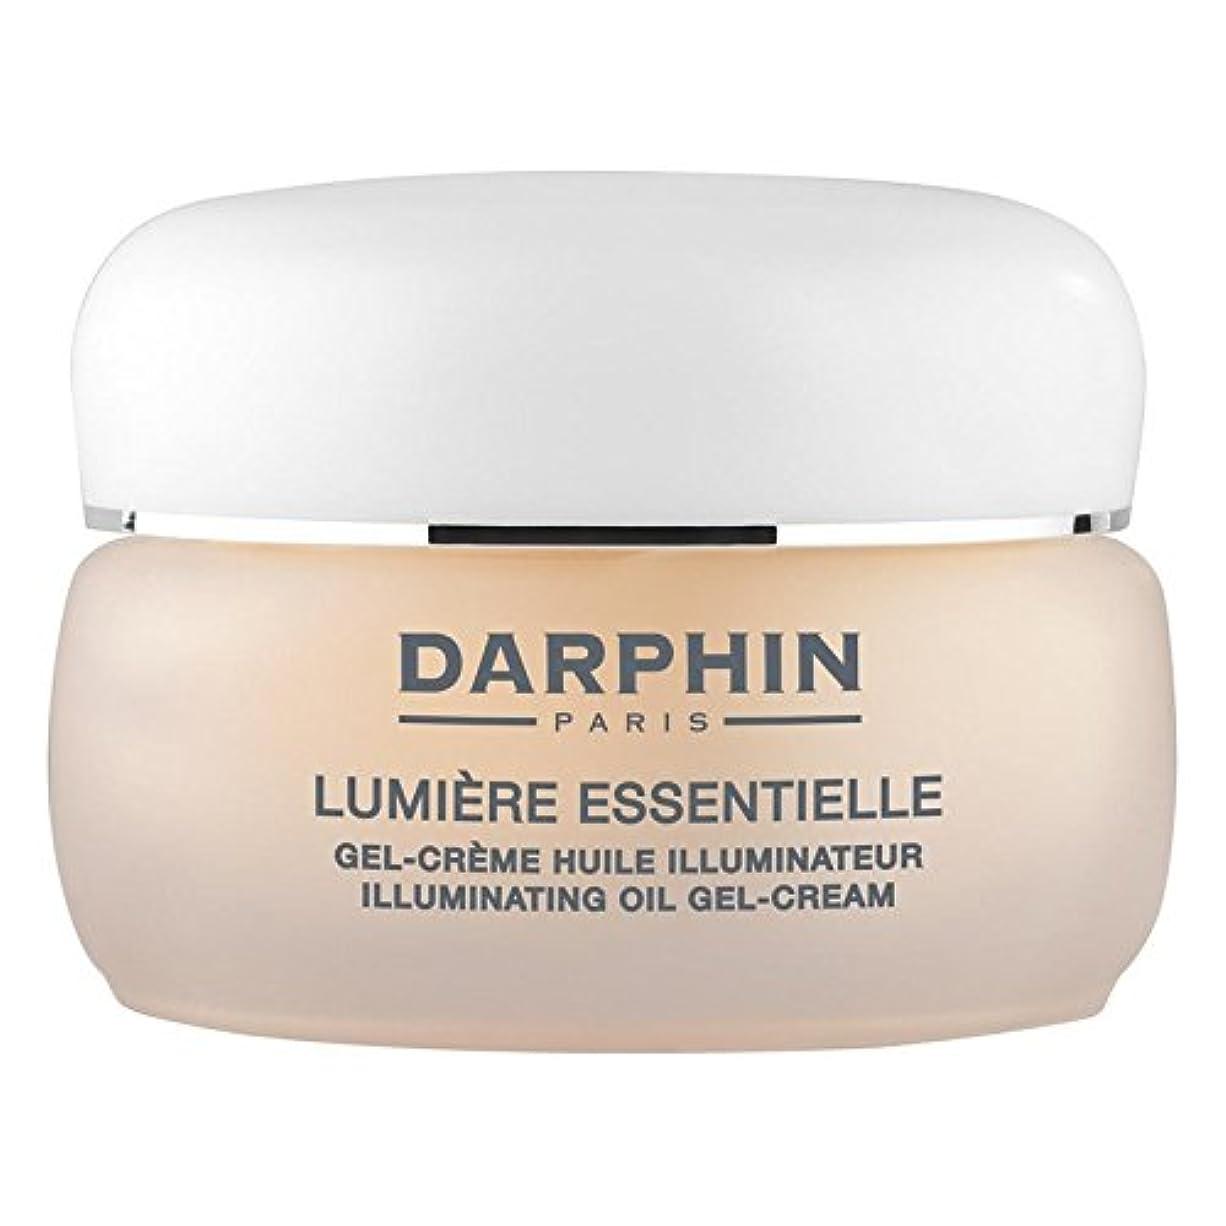 ダルファンリュミエールクリーム x2 - Darphin Lumiere Essentiell Cream (Pack of 2) [並行輸入品]